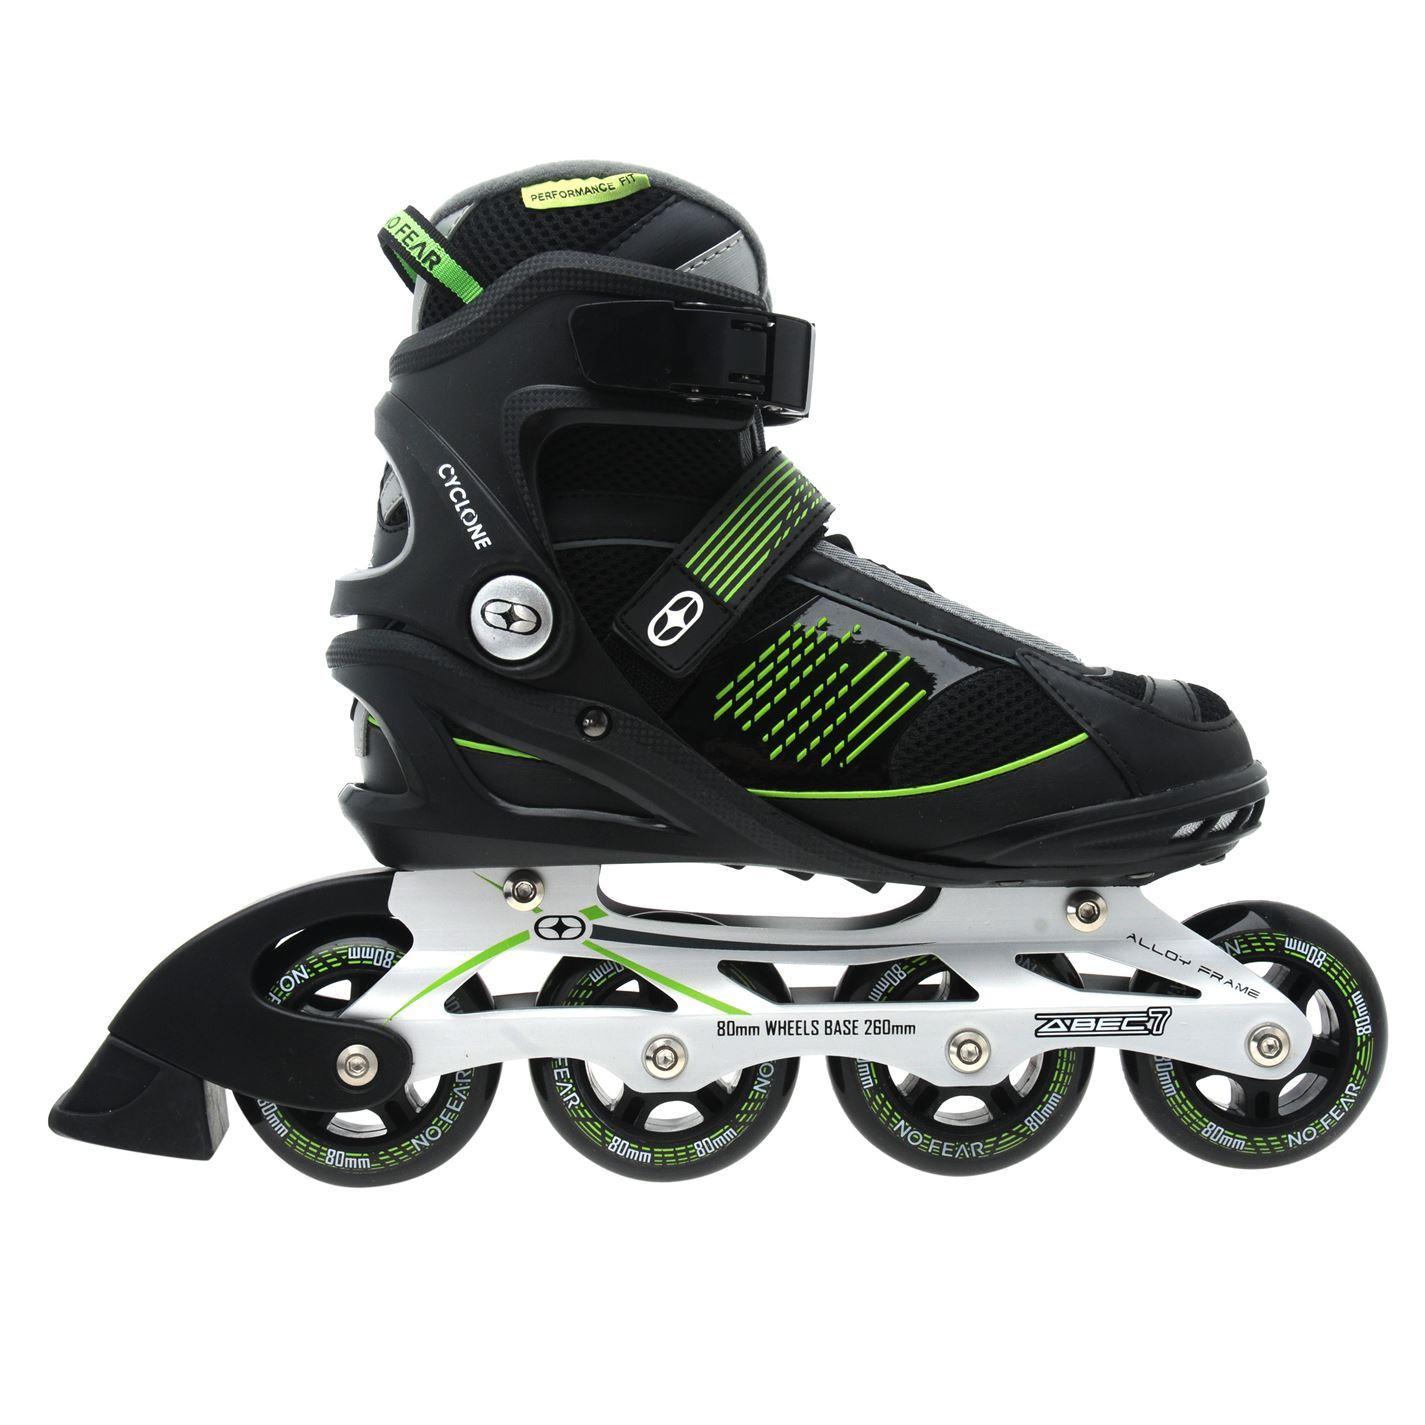 Wheel Roller Skates Ebay